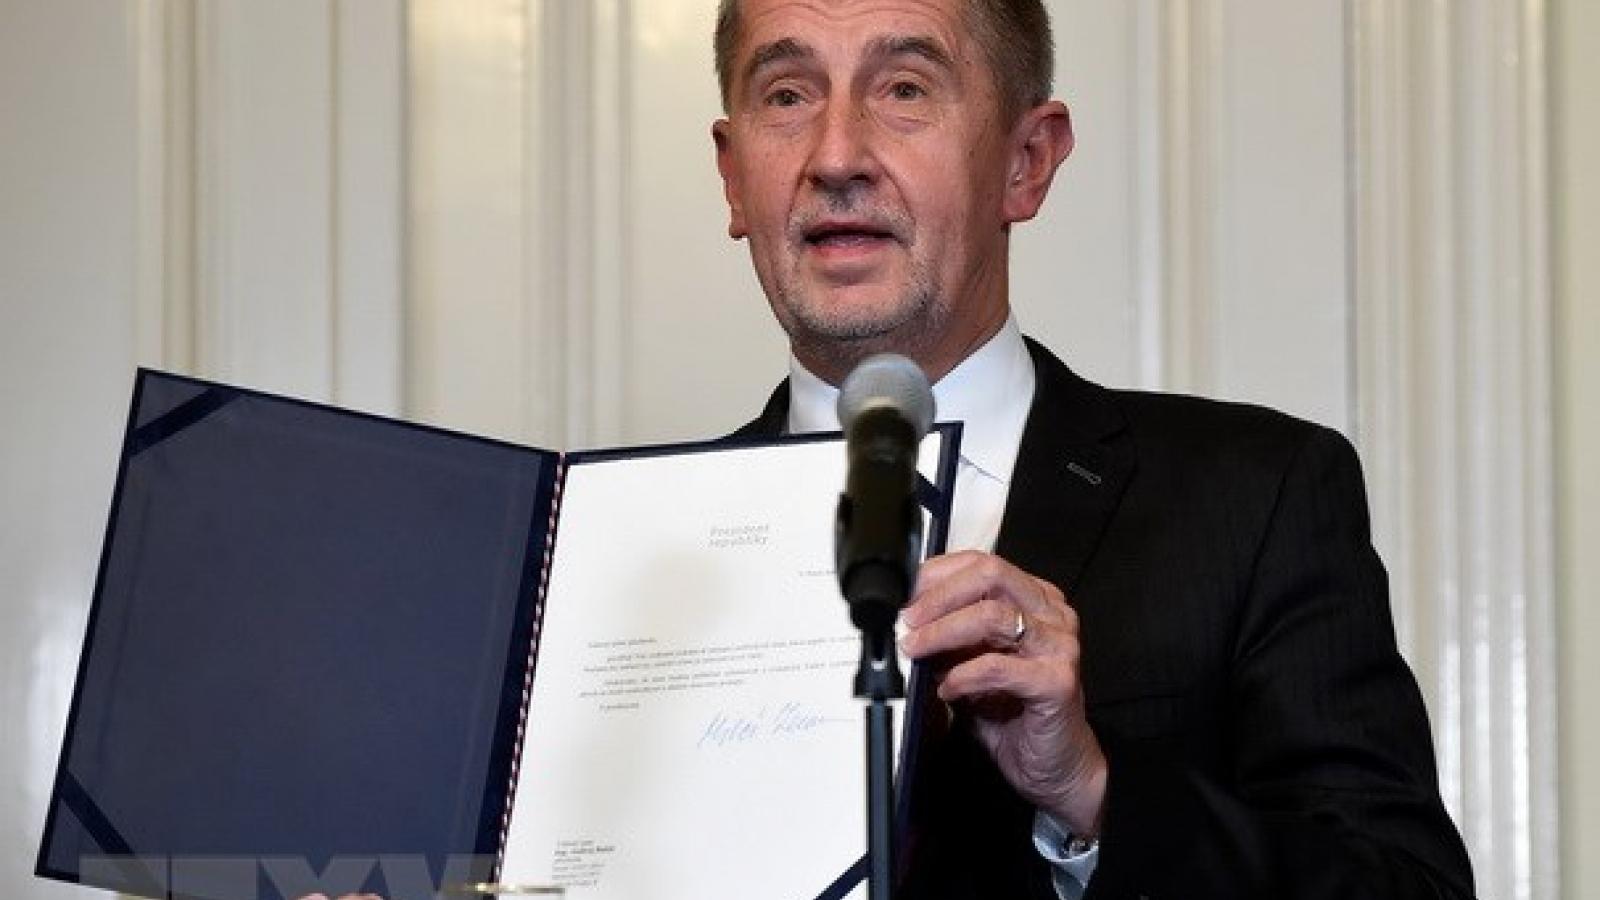 Khảo sát bầu cử Czech: Đảng cầm quyền lần đầu bị tụt xuống vị trí thứ 3